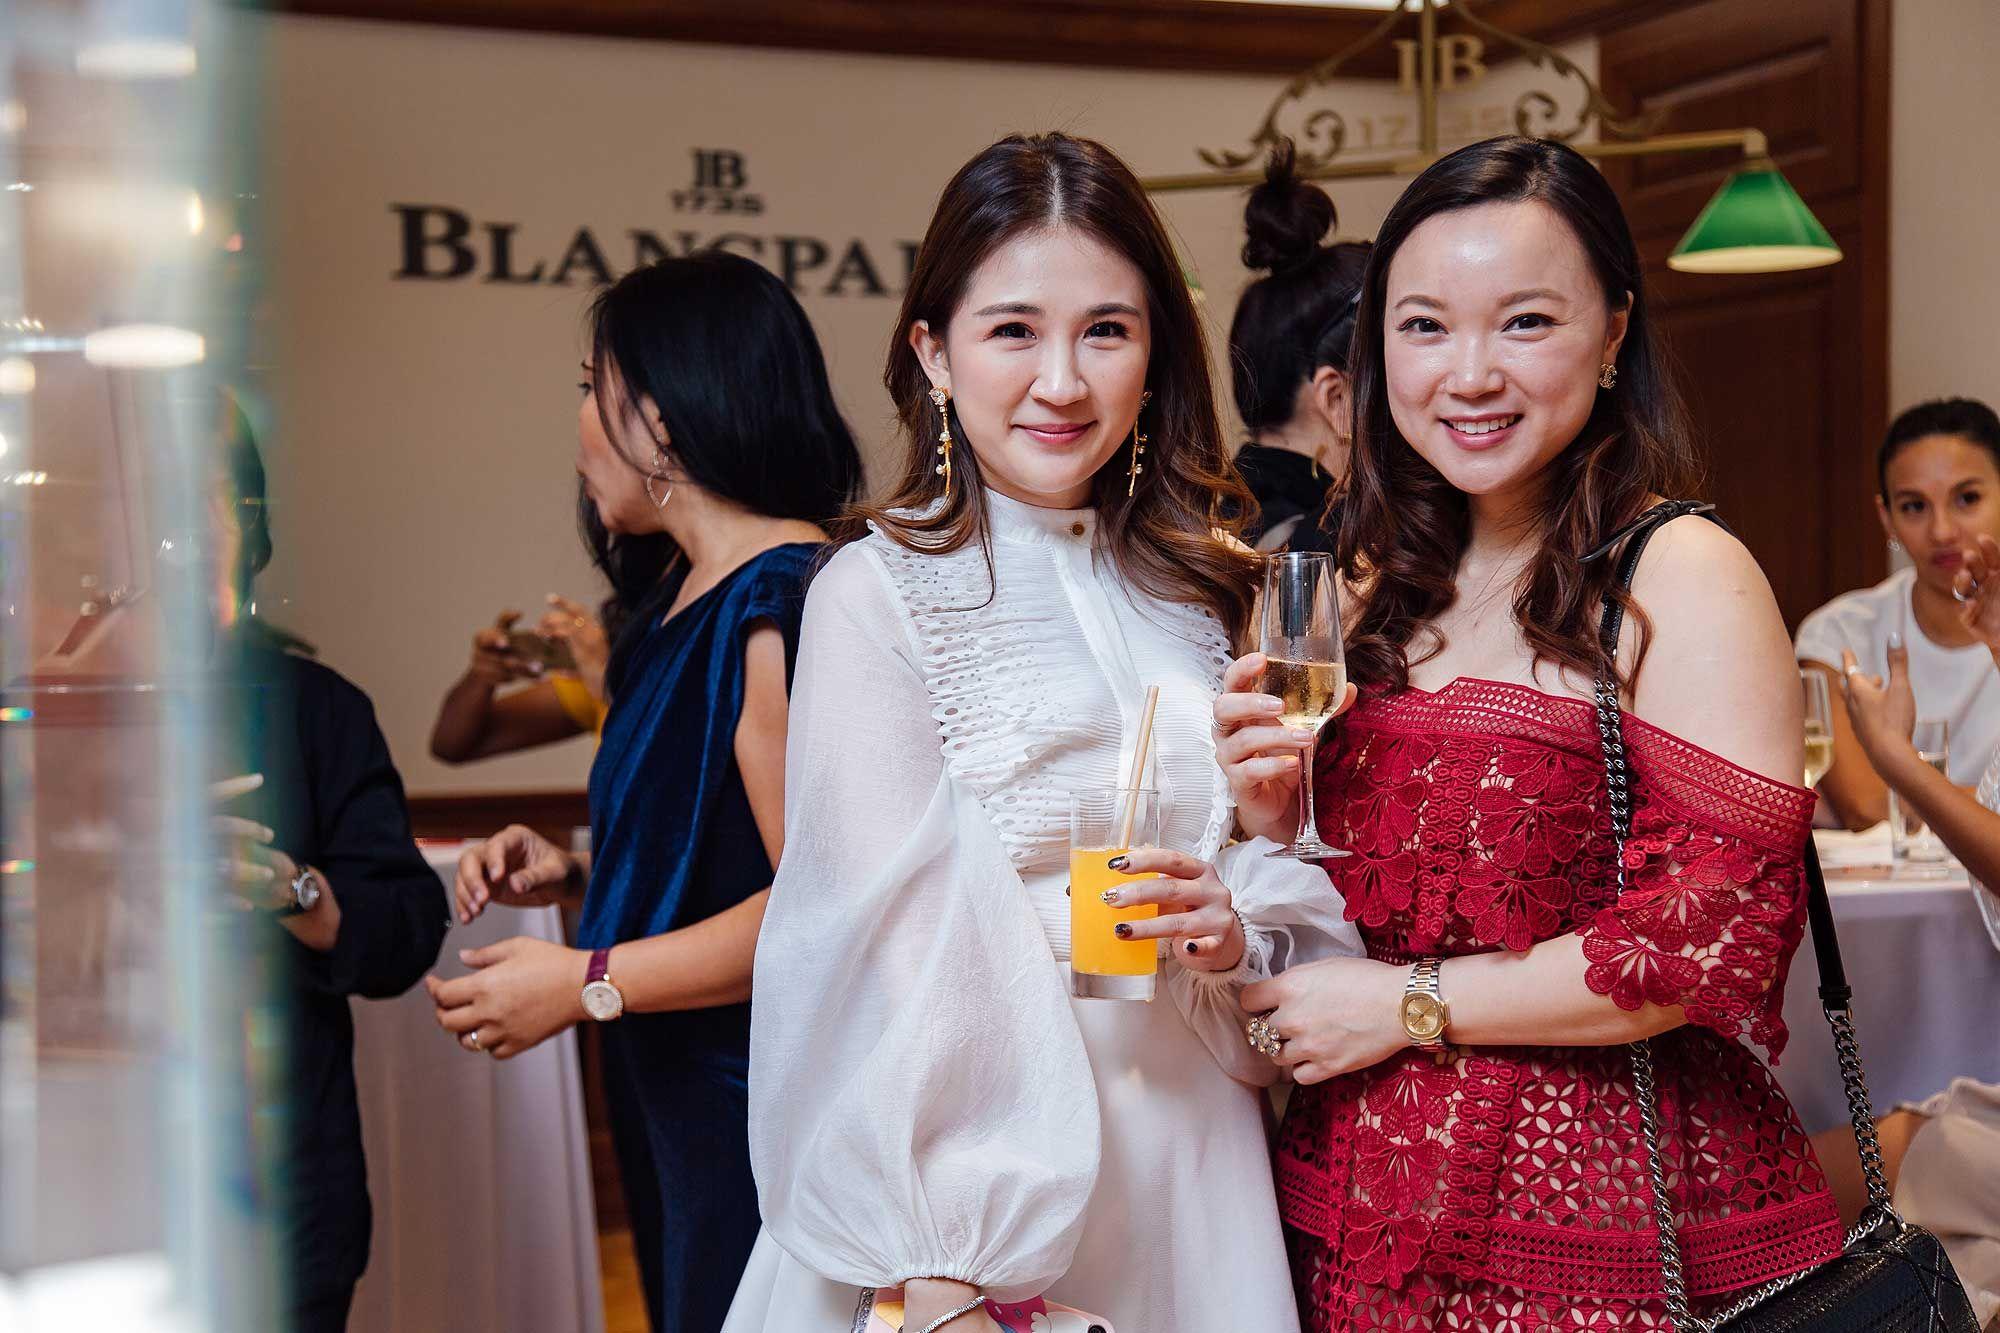 Tan Chia Yee and Chong Mun Yi